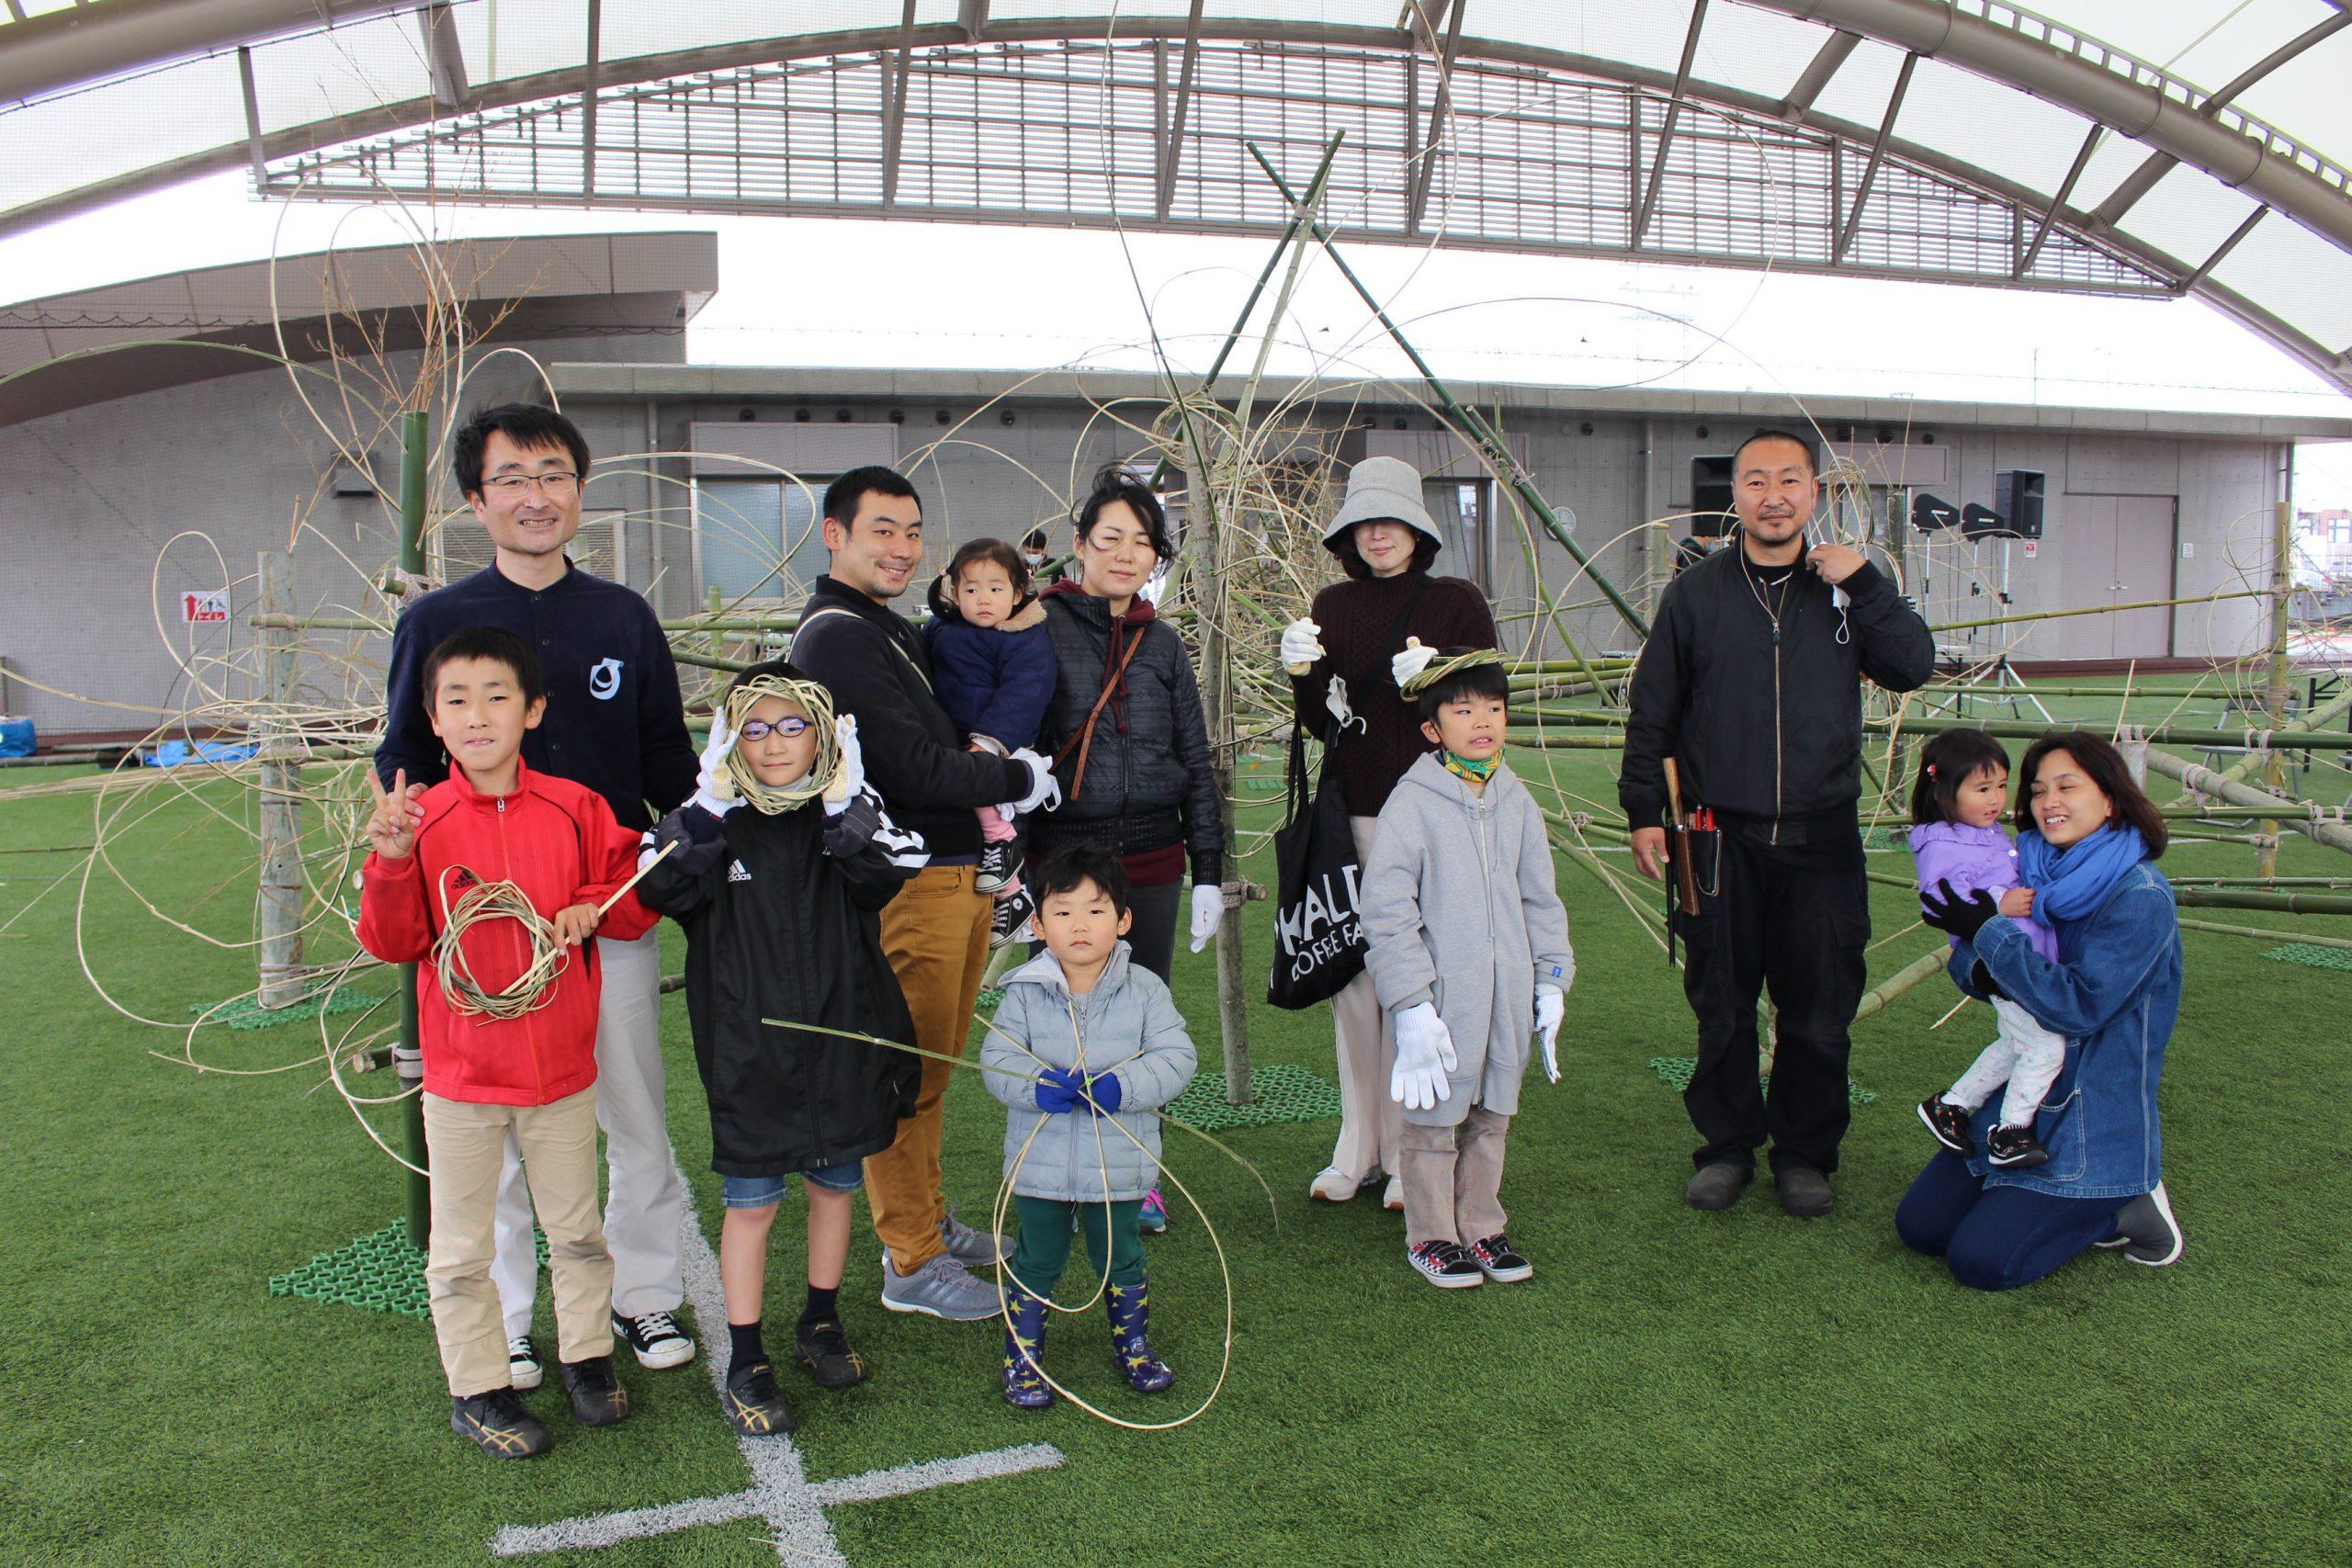 レポート:げいじゅつたいけん!ワークショップ「竹と遊ぼう!」